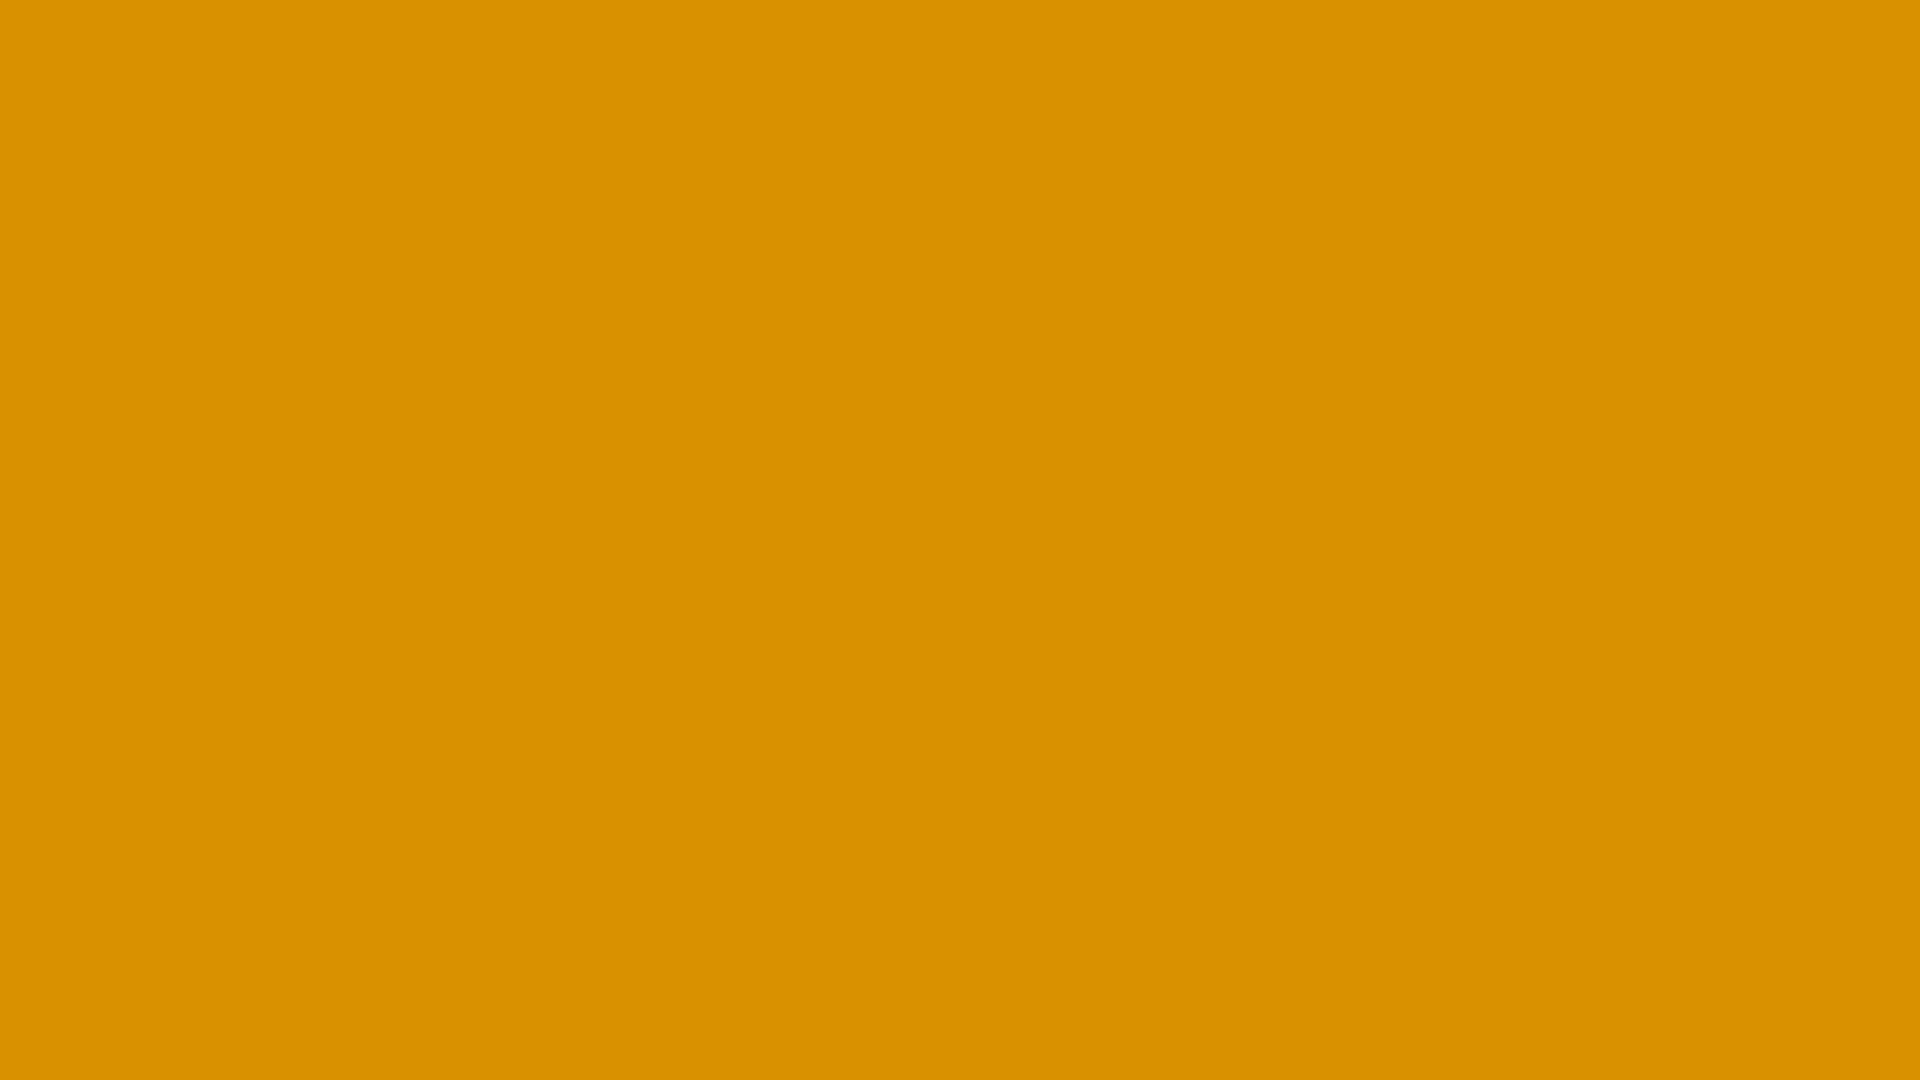 1920x1080 Harvest Gold Solid Color Background